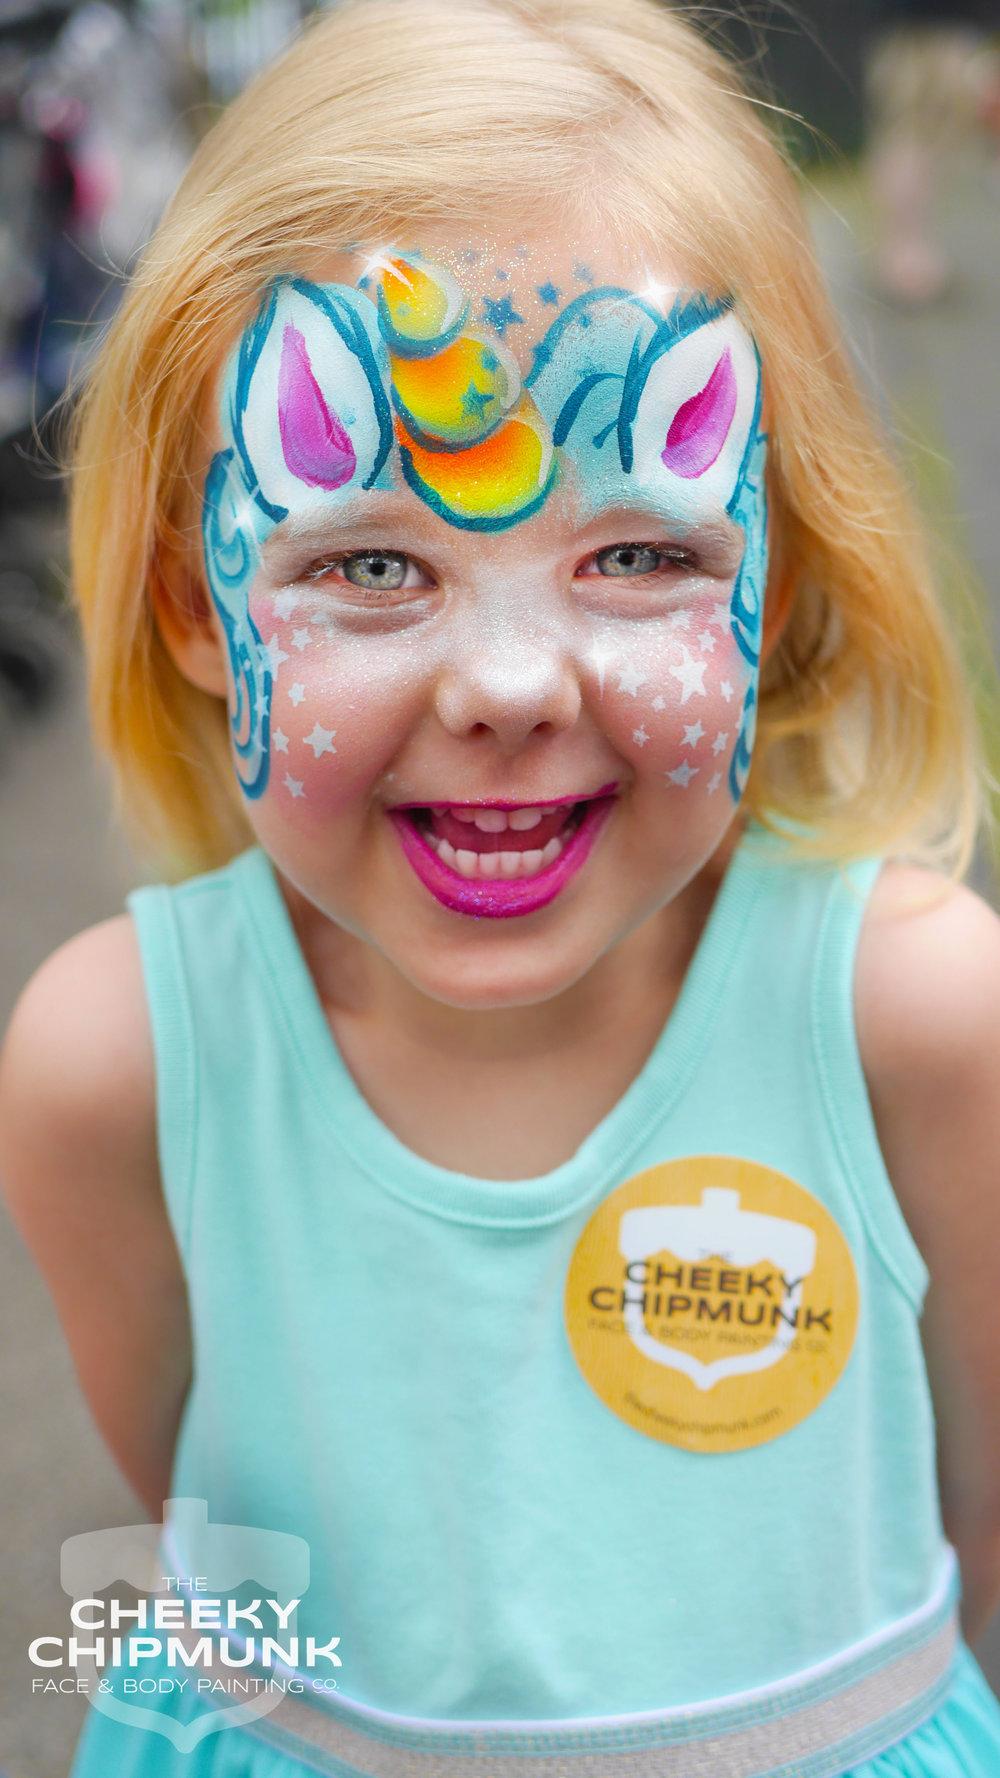 unicorn_toddler_franchesca_birthday_party_astoria_park_thecheekychipmunk_lenorekoppelman.jpg